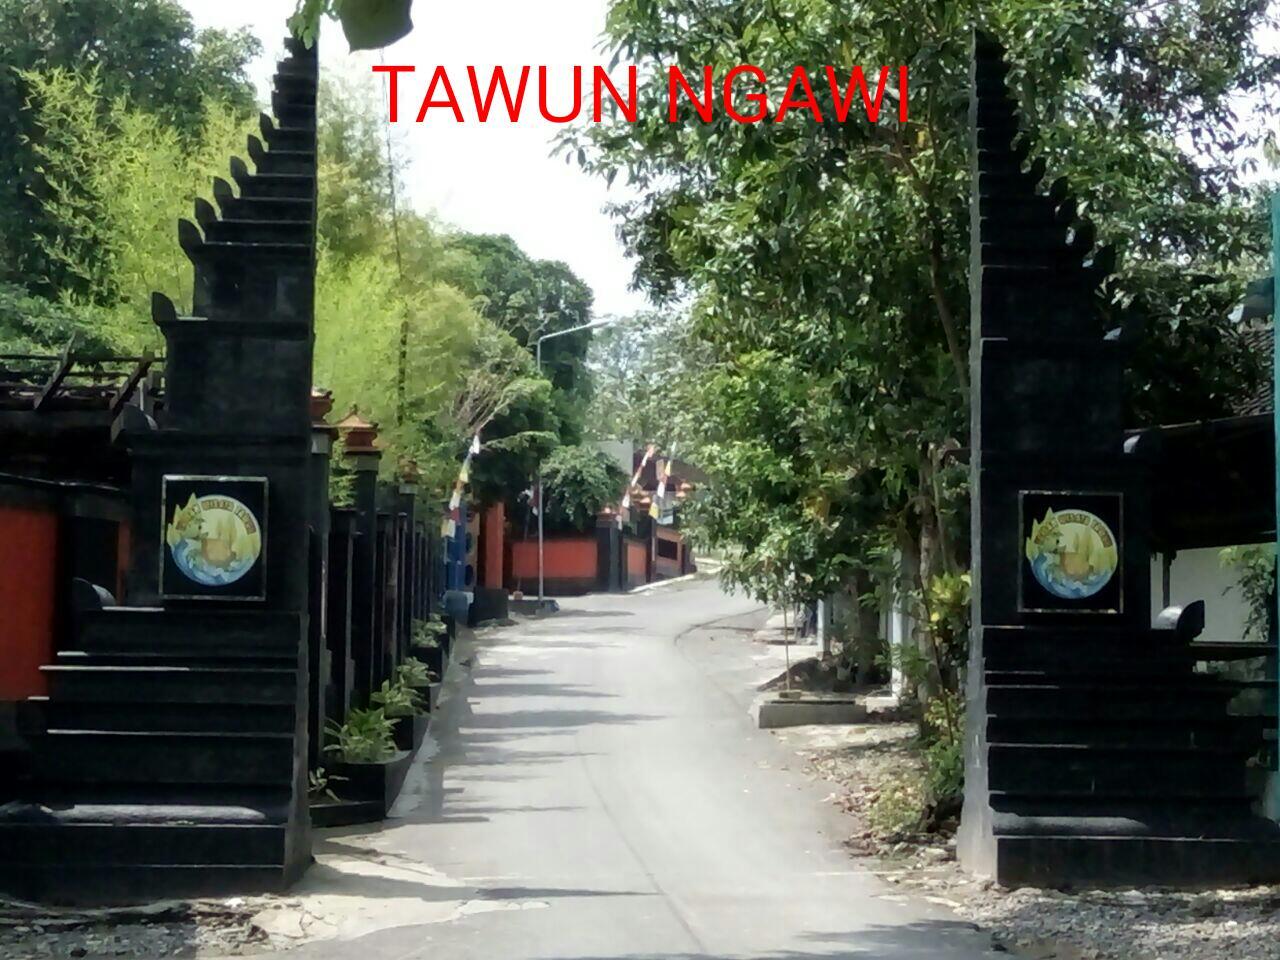 Wisata Tawun Ngawi Advertisements Taman Kab